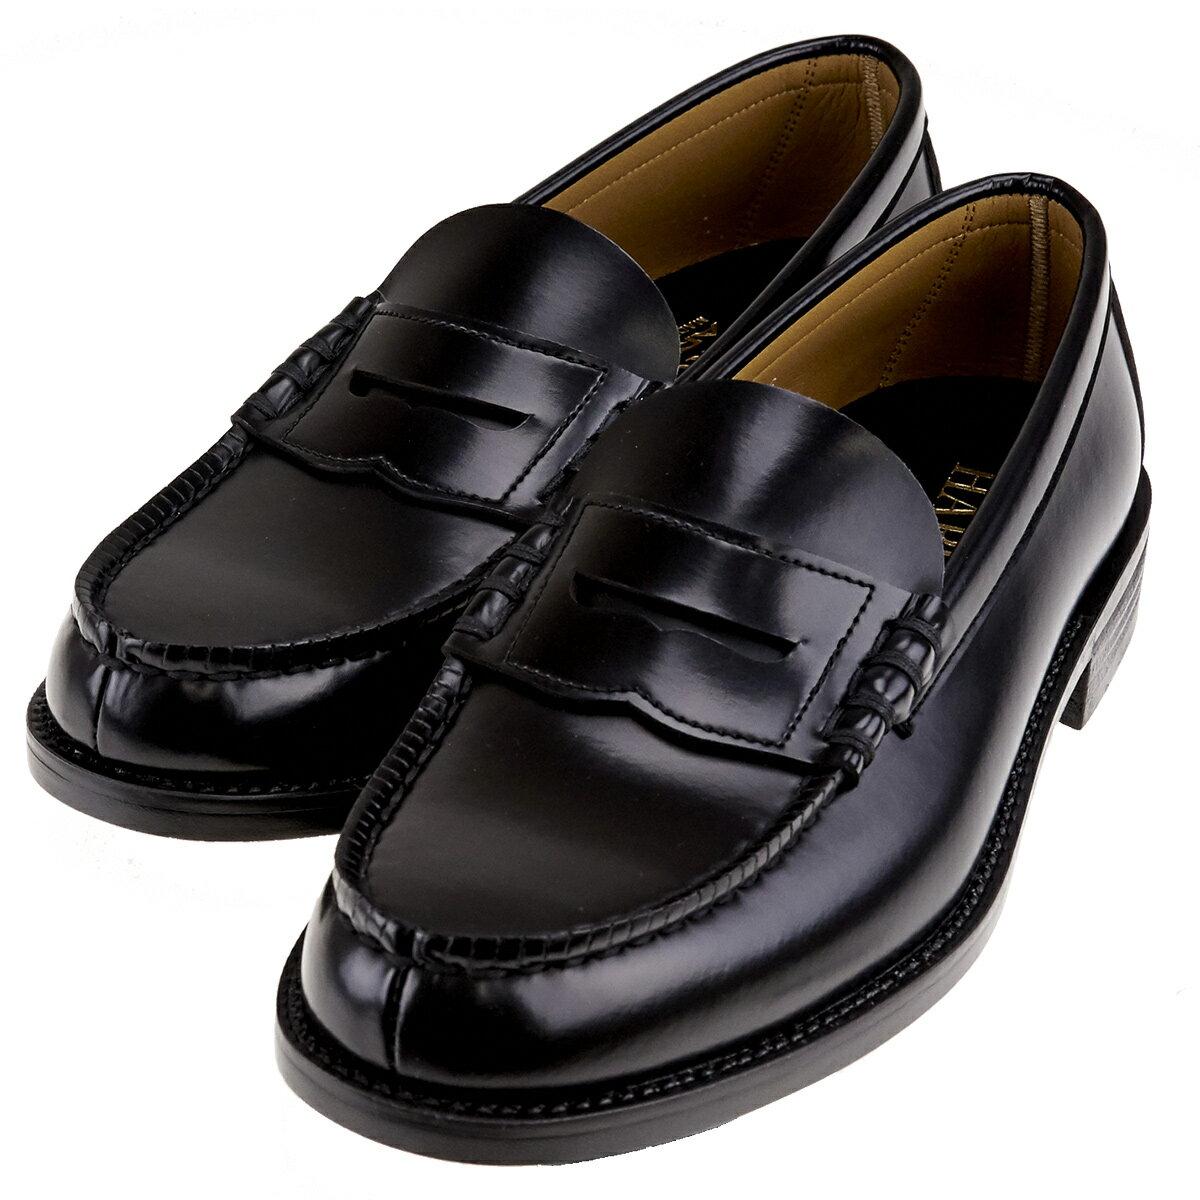 送料無料 沖縄離島除く HARUTA ハルタ 6550 メンズ ローファー 幅広3E 学生靴 学生 通学 日本製 ブラック 黒 ハルタ6550 L BL